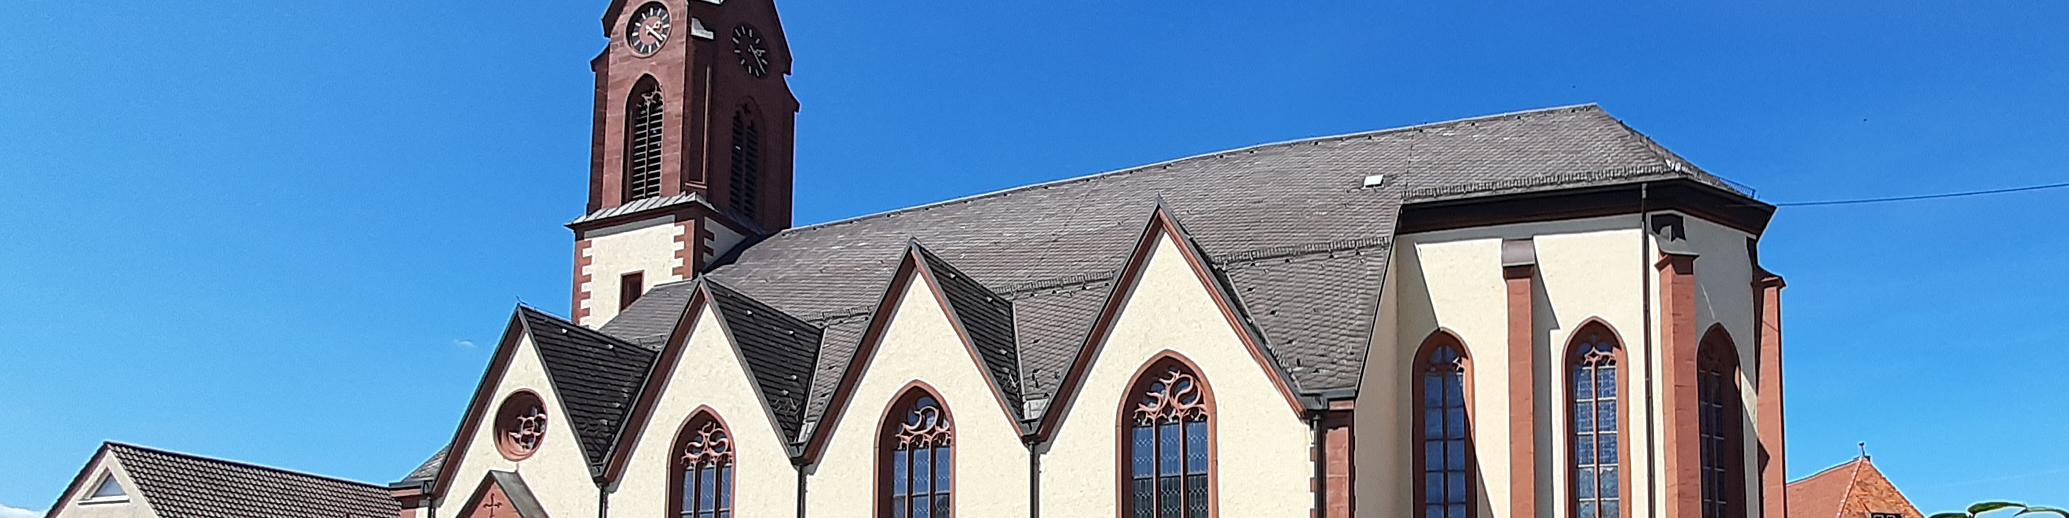 Euerdorf: Pfarrkirche St. Johannes der Täufer